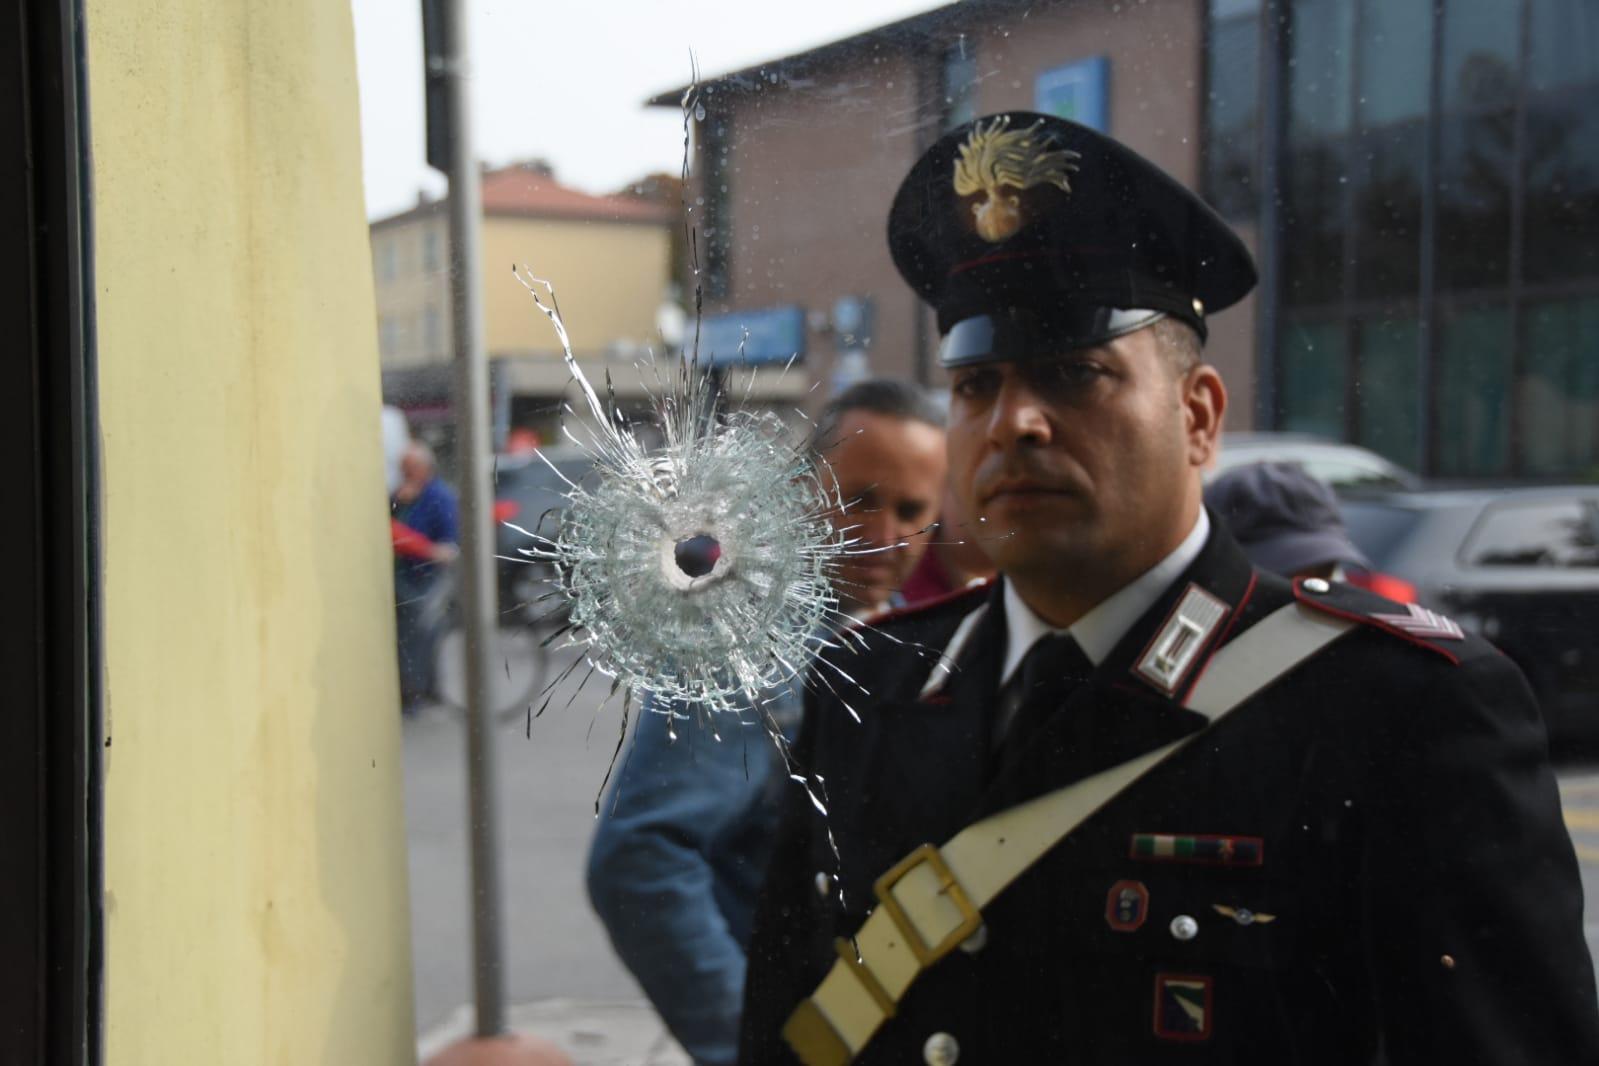 Colpo al bancomat a Forlimpopoli, spari di kalashnikov ai carabinieri